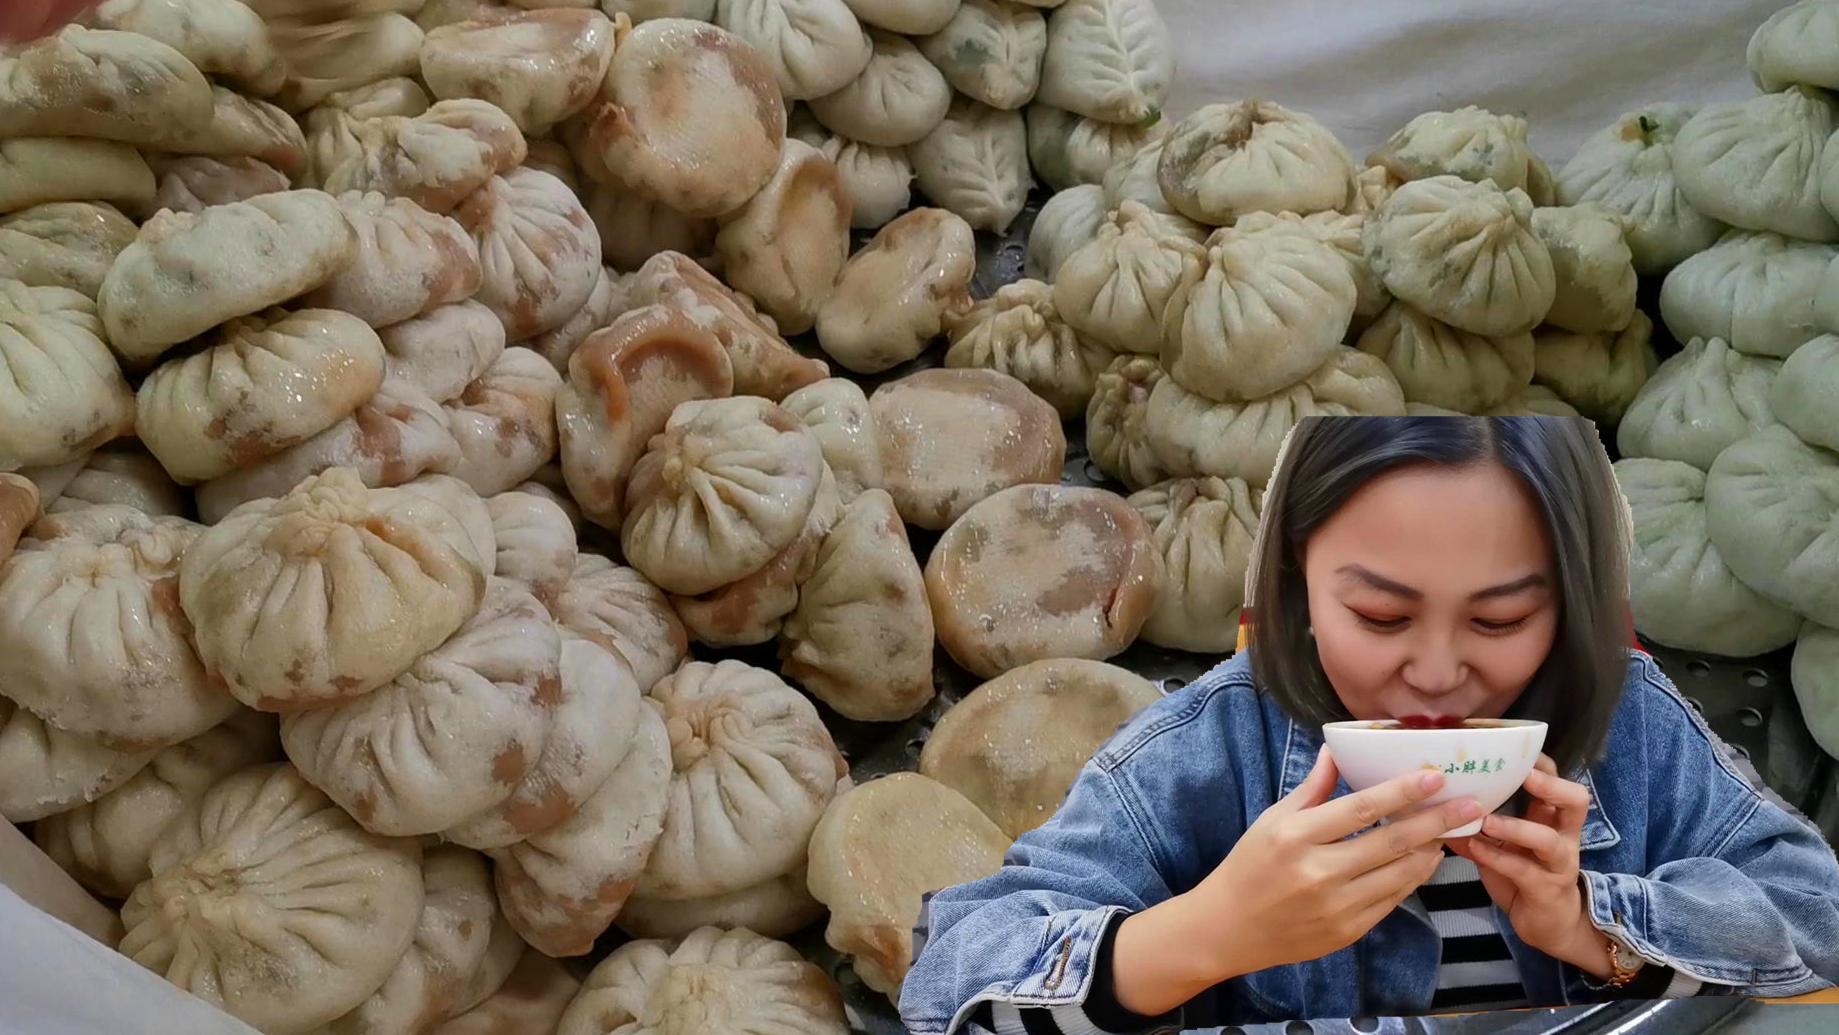 北京地道包子铺,鲜肉包50元一斤!货真价实,配上炒肝,真馋人!